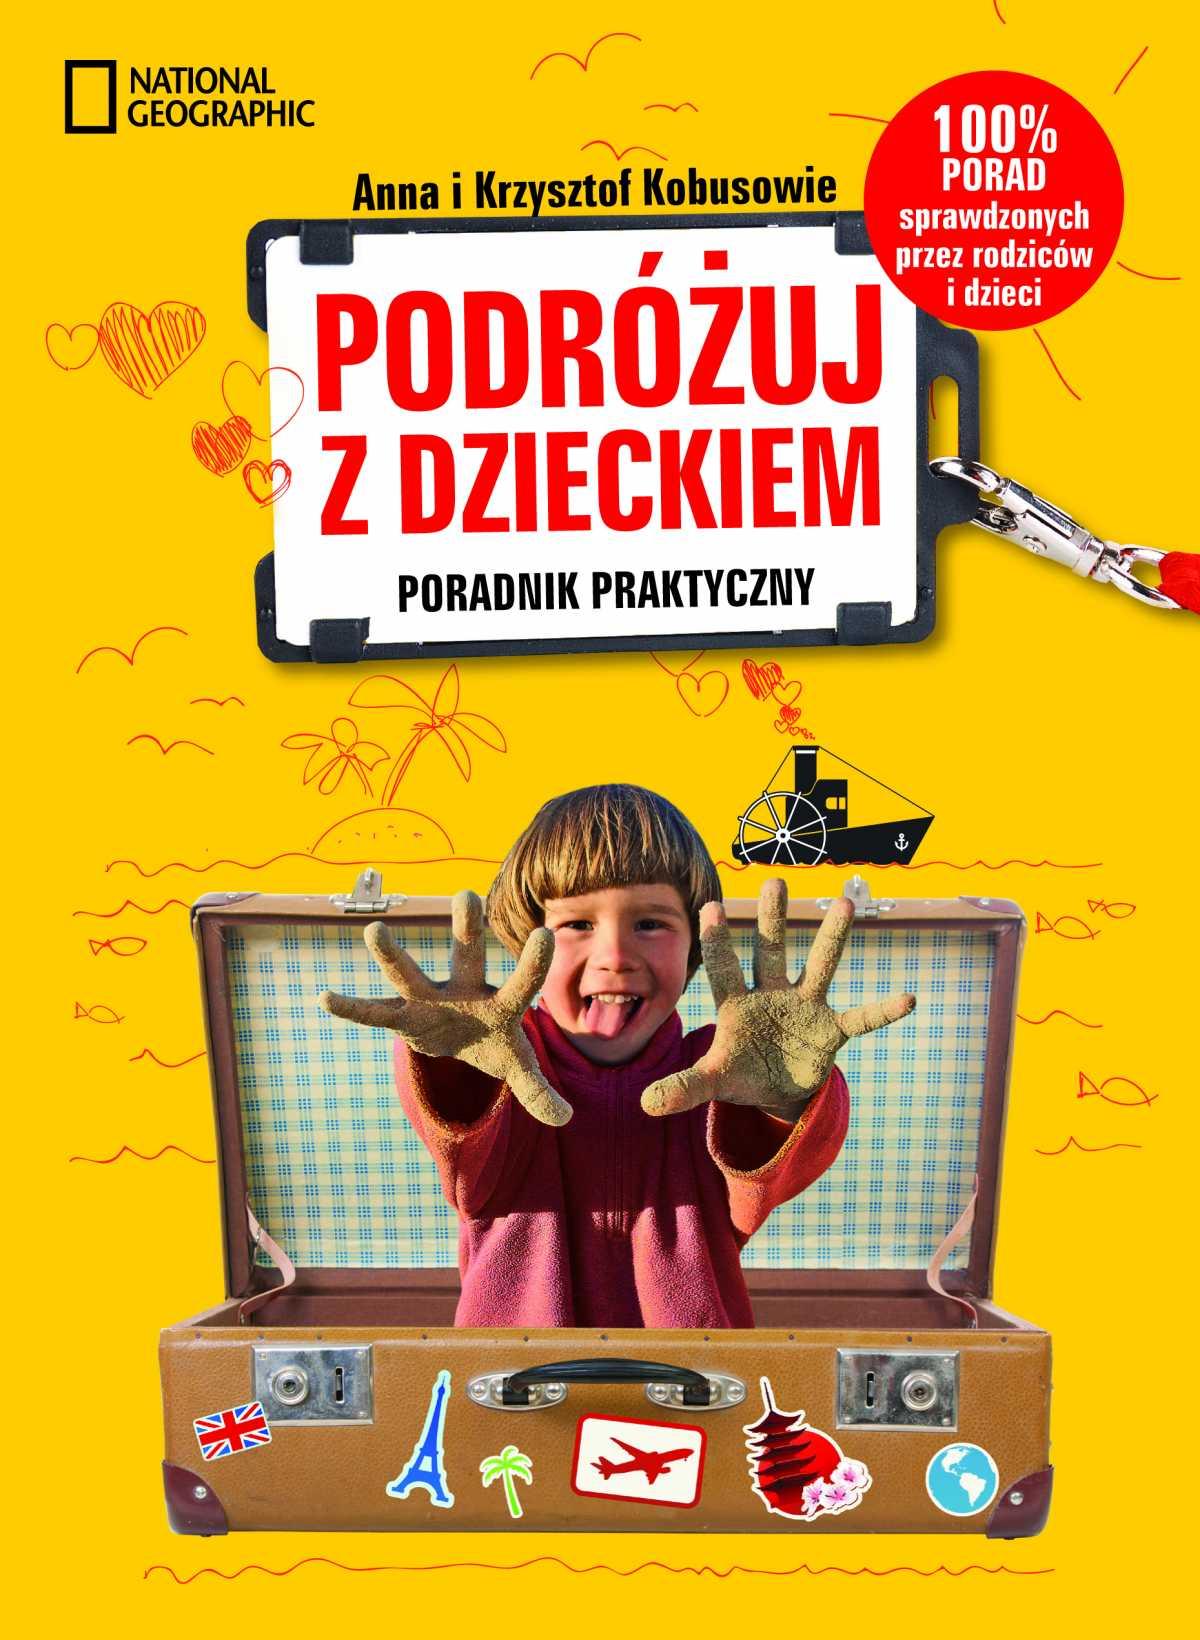 Podróżuj z dzieckiem! Poradnik praktyczny - Ebook (Książka EPUB) do pobrania w formacie EPUB